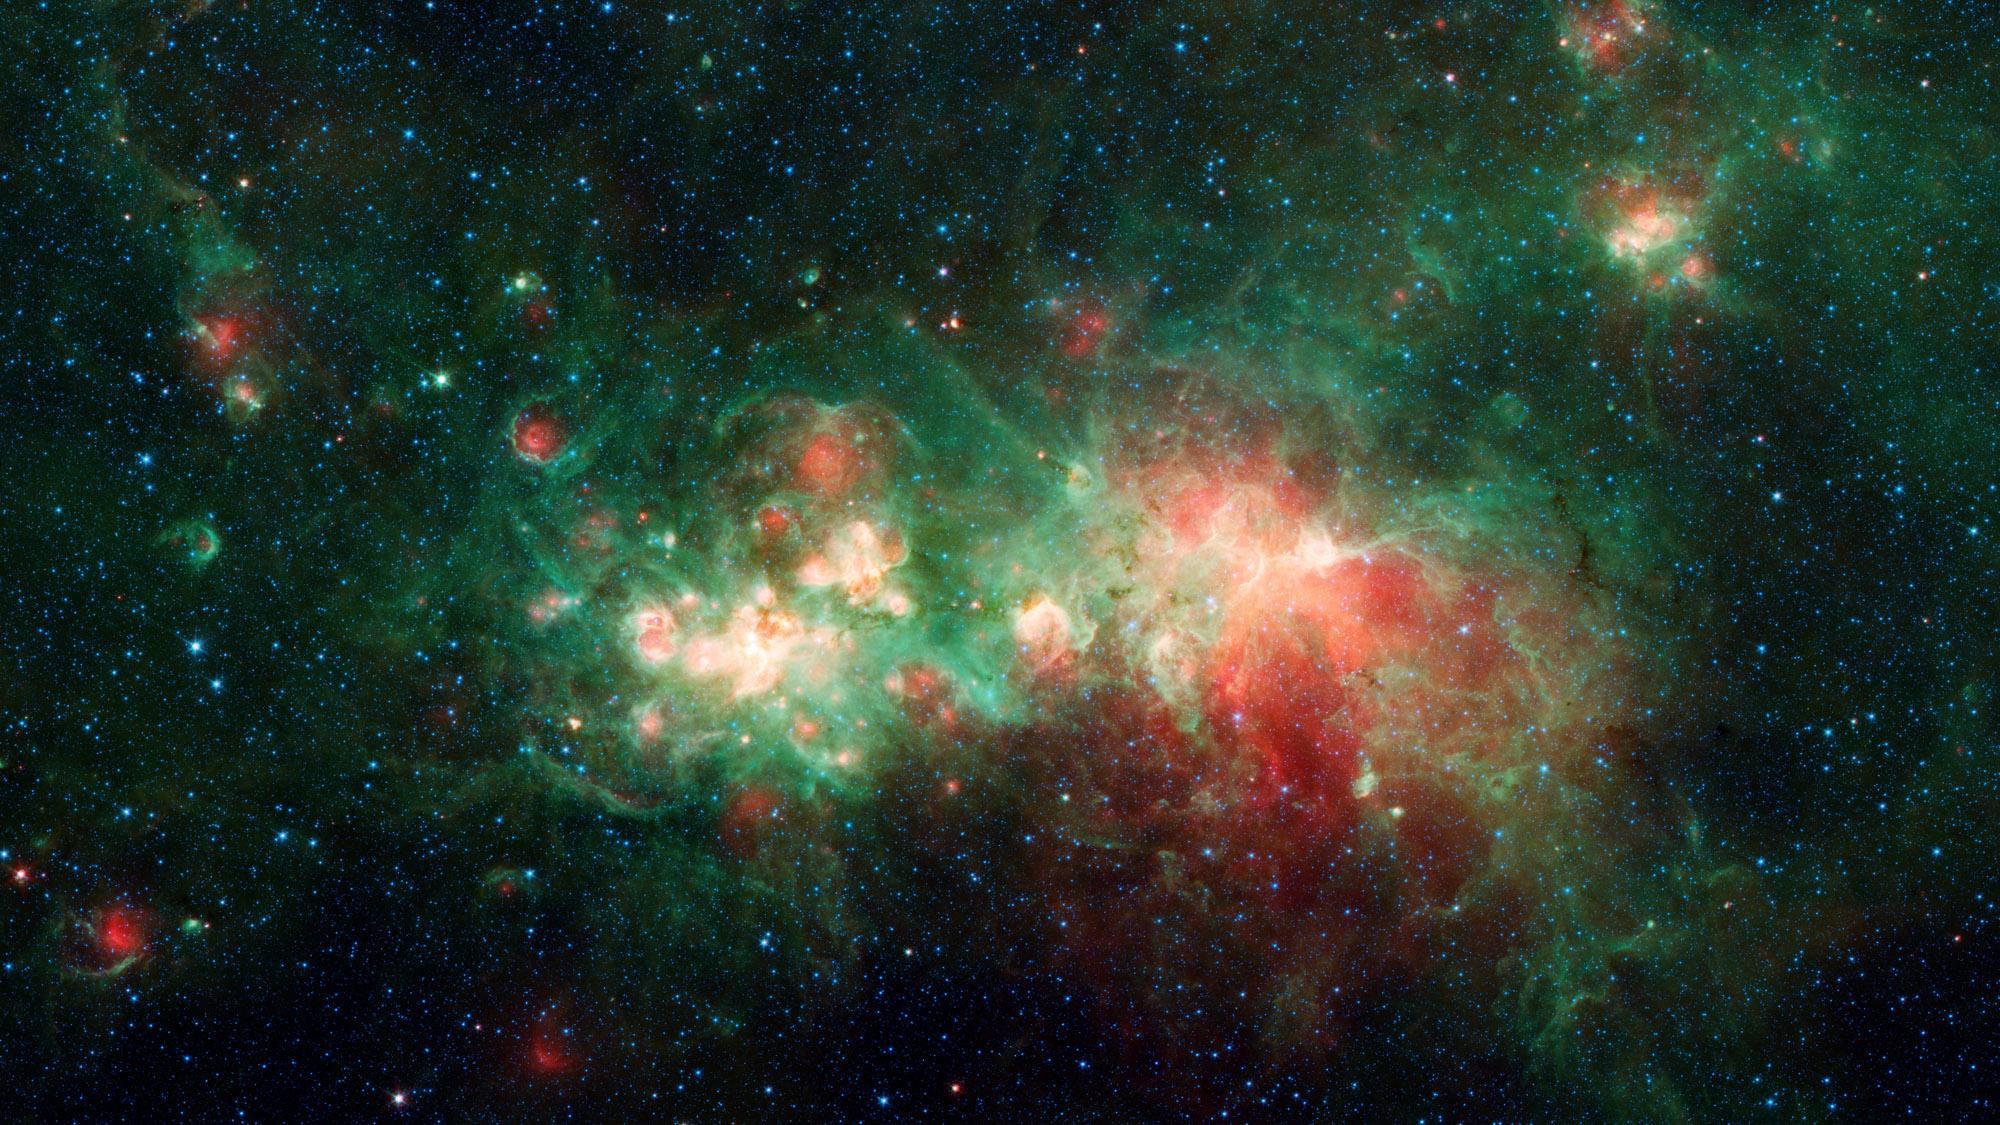 W51 nebula